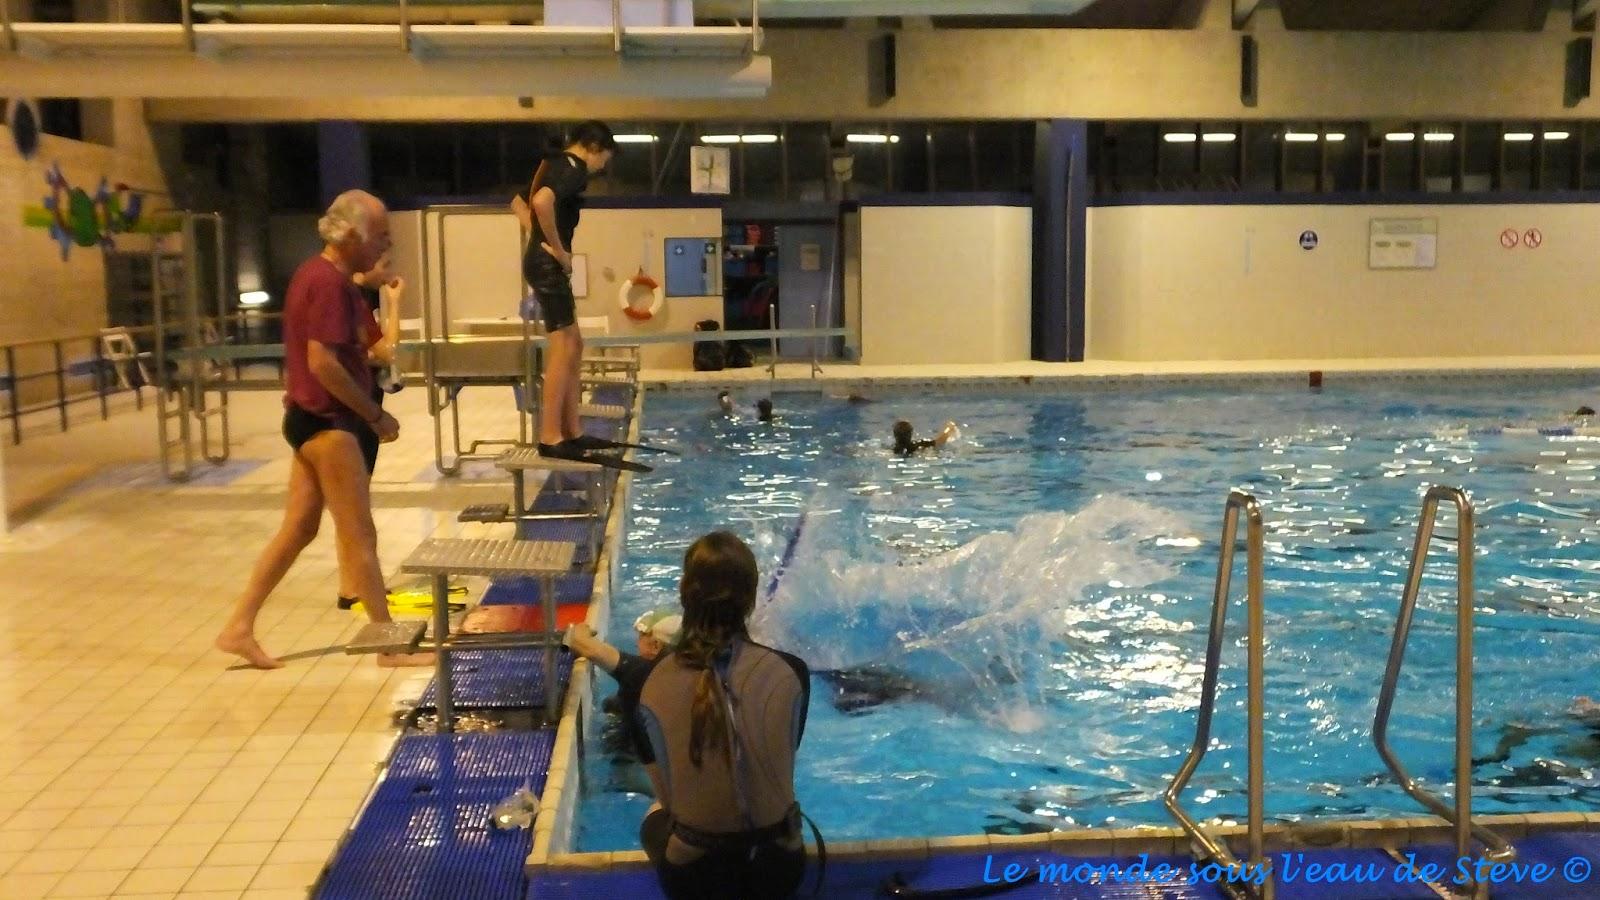 Le monde sous l 39 eau de steve for Palmes pour piscine